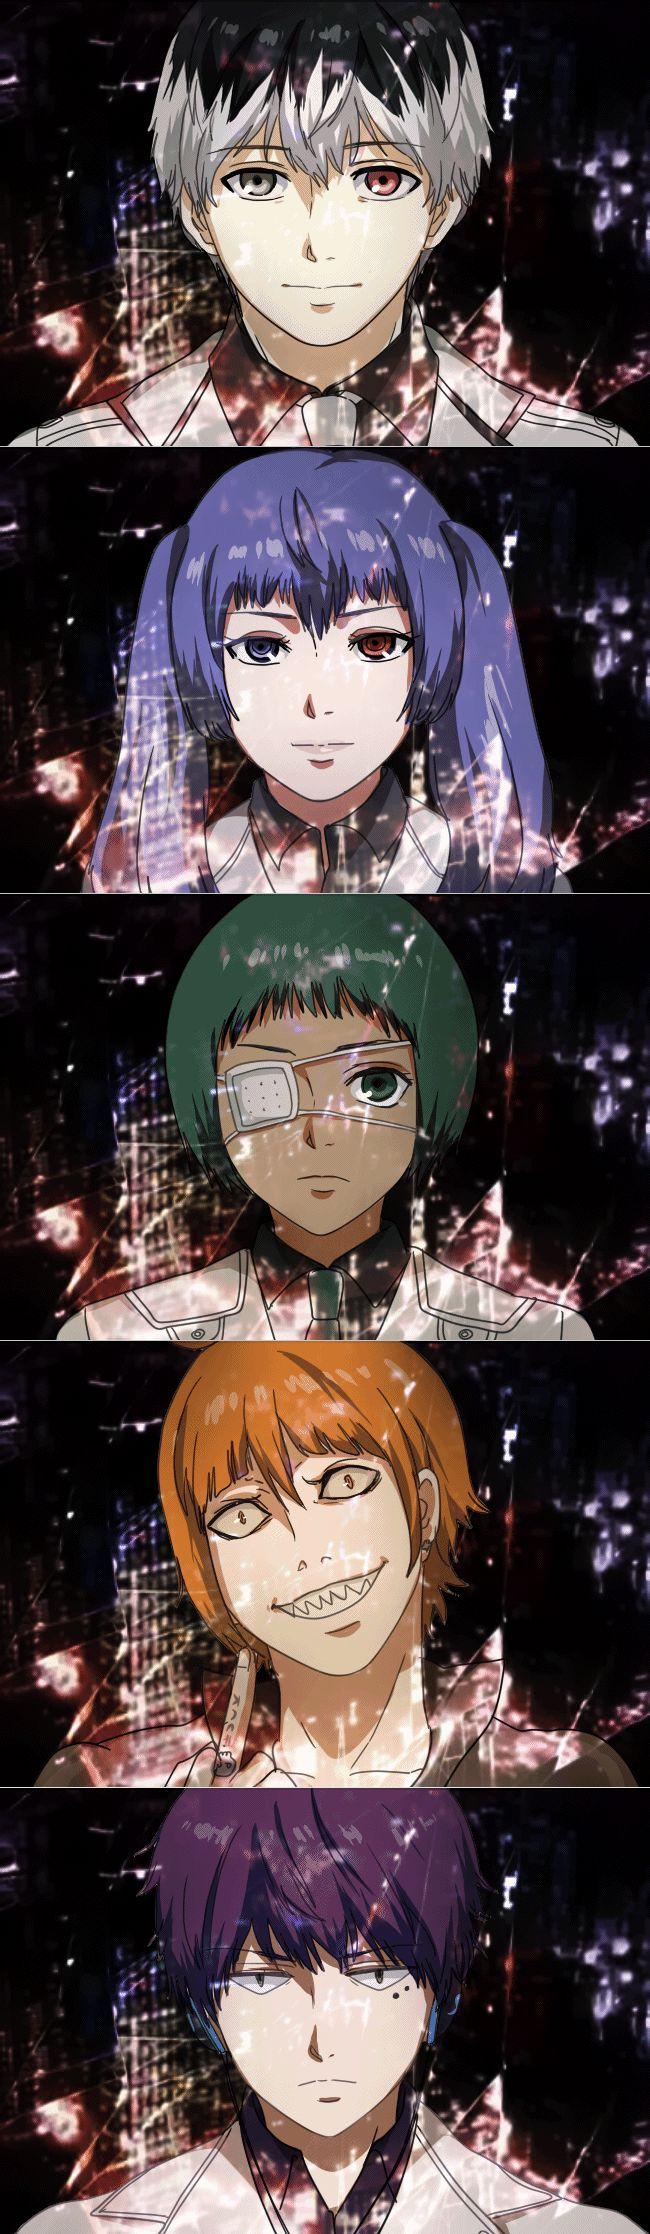 Tokyo Ghoul:re | Sasaki Haise, Yonebayashi Saiko, Mutsuki Tooru, Shirazu Ginshi, Urie Kuki